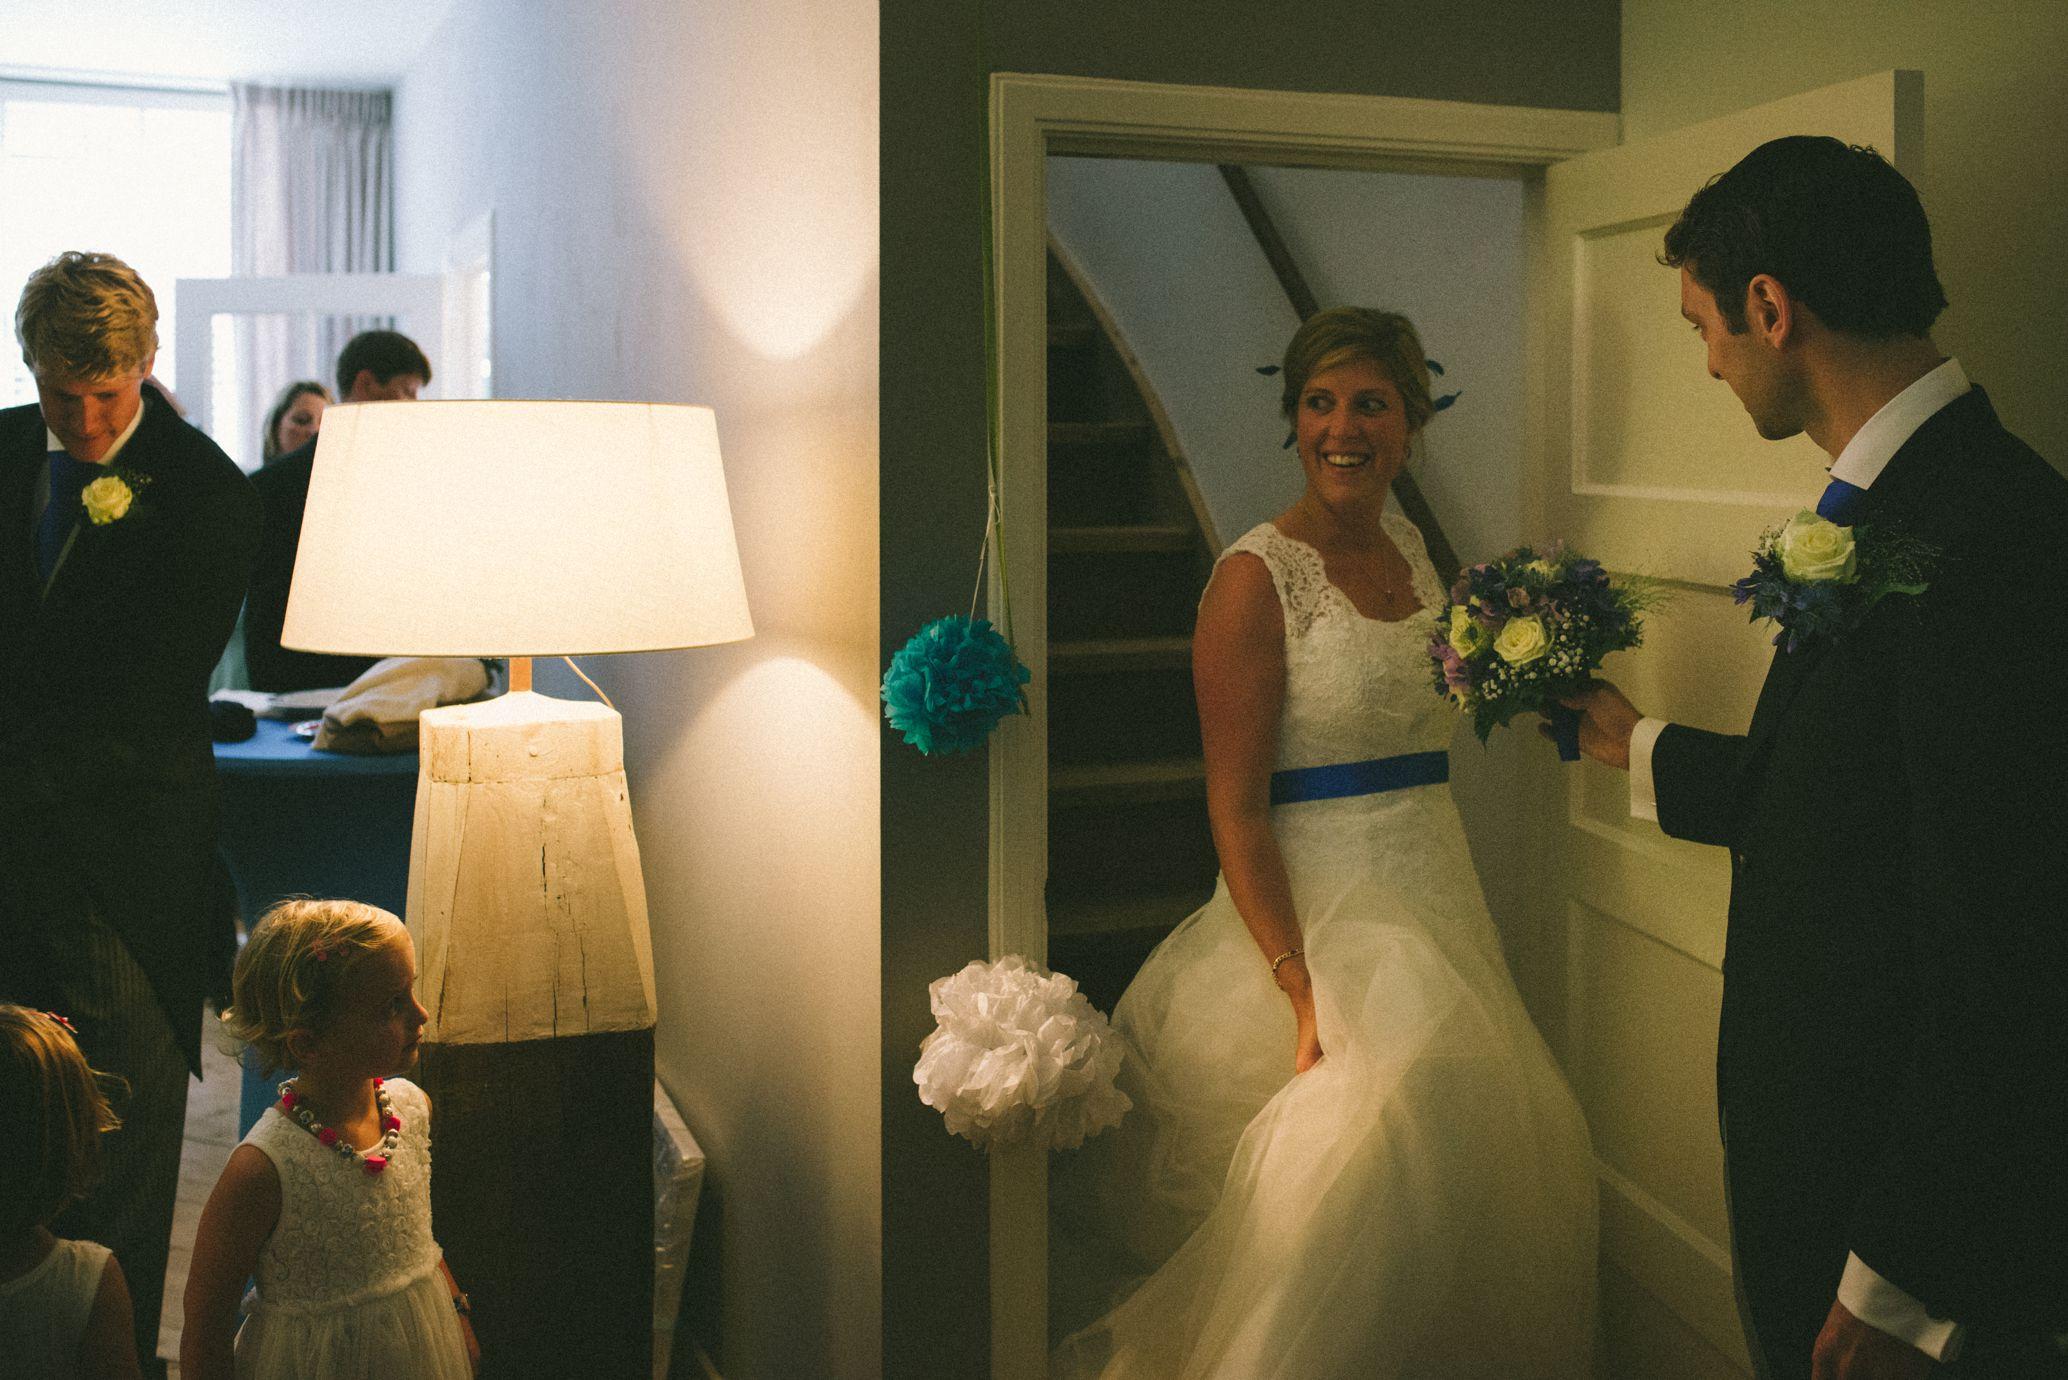 fotograaf-huwelijk_0017.jpg